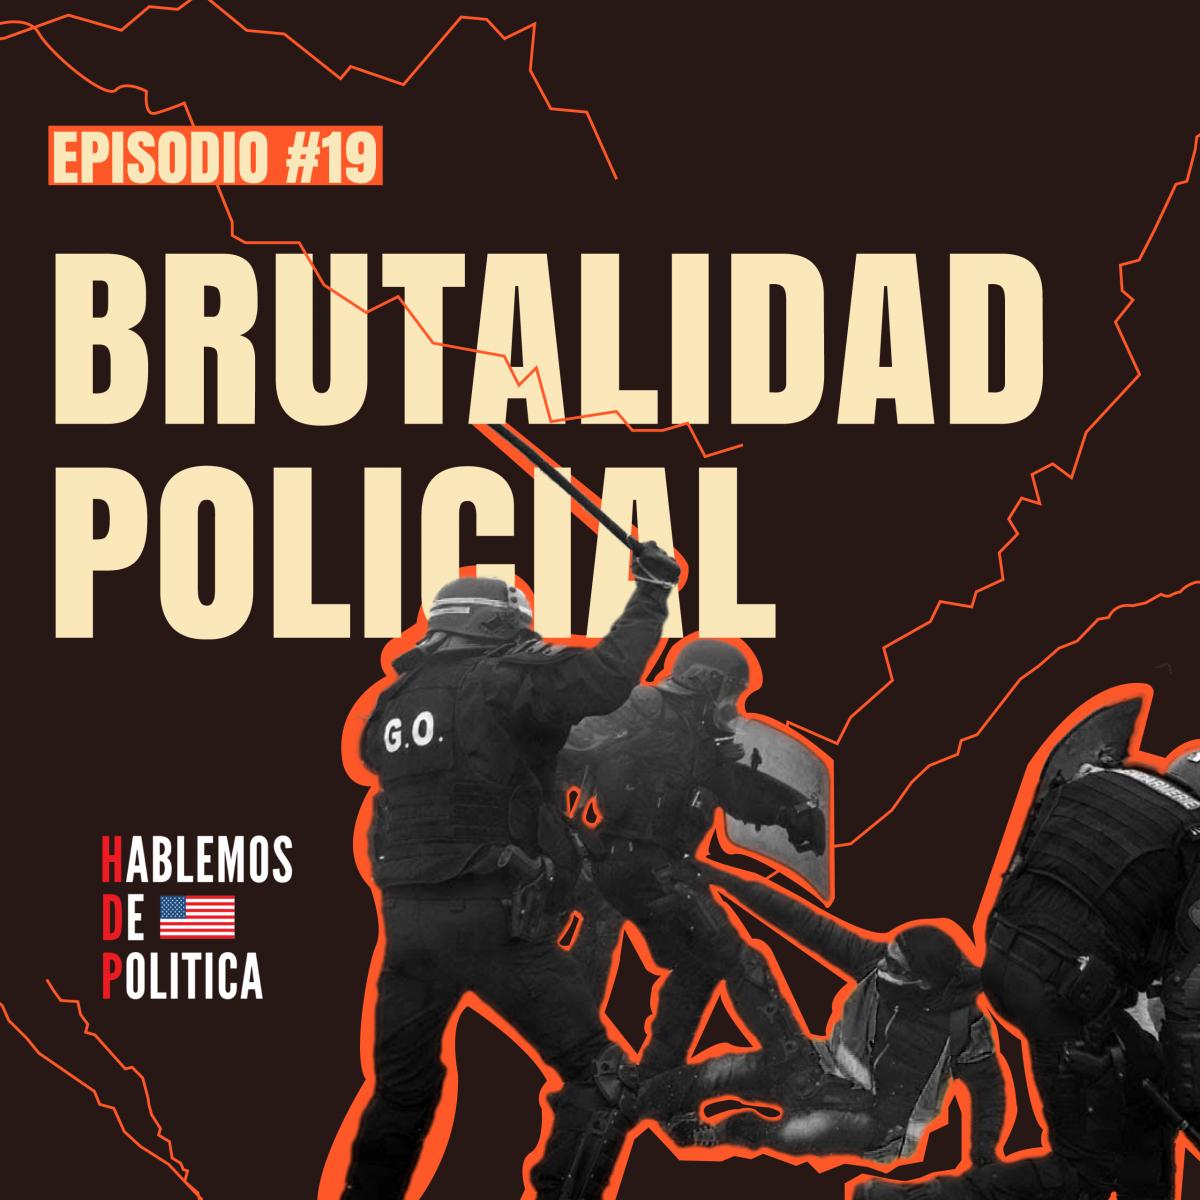 Brutalidad Policial en los Estados Unidos